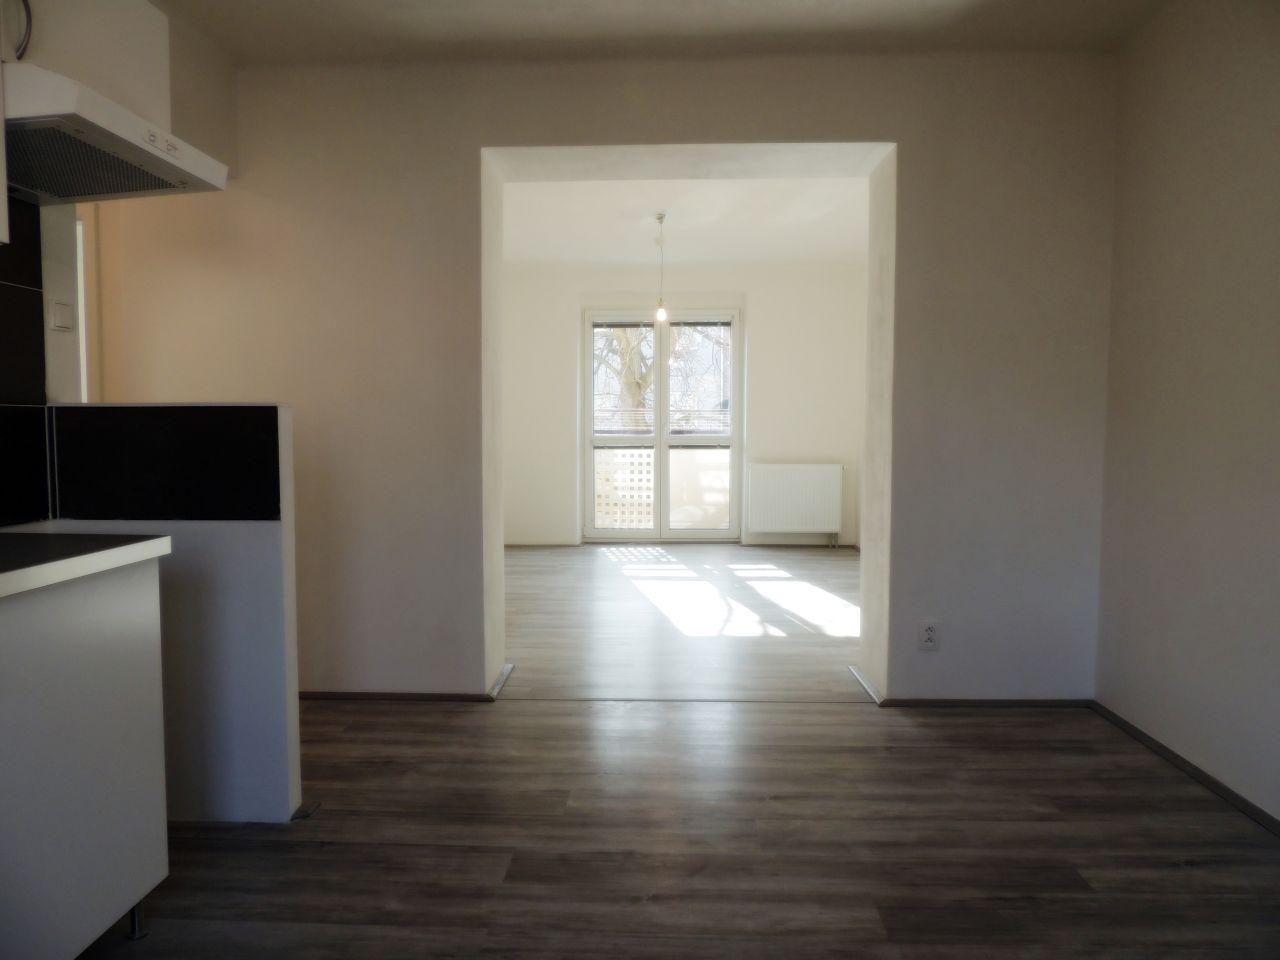 Pronájem bytu 2+1 49 m2, ul. Gurťjevova 1648/3, Ostrava - Zábřeh